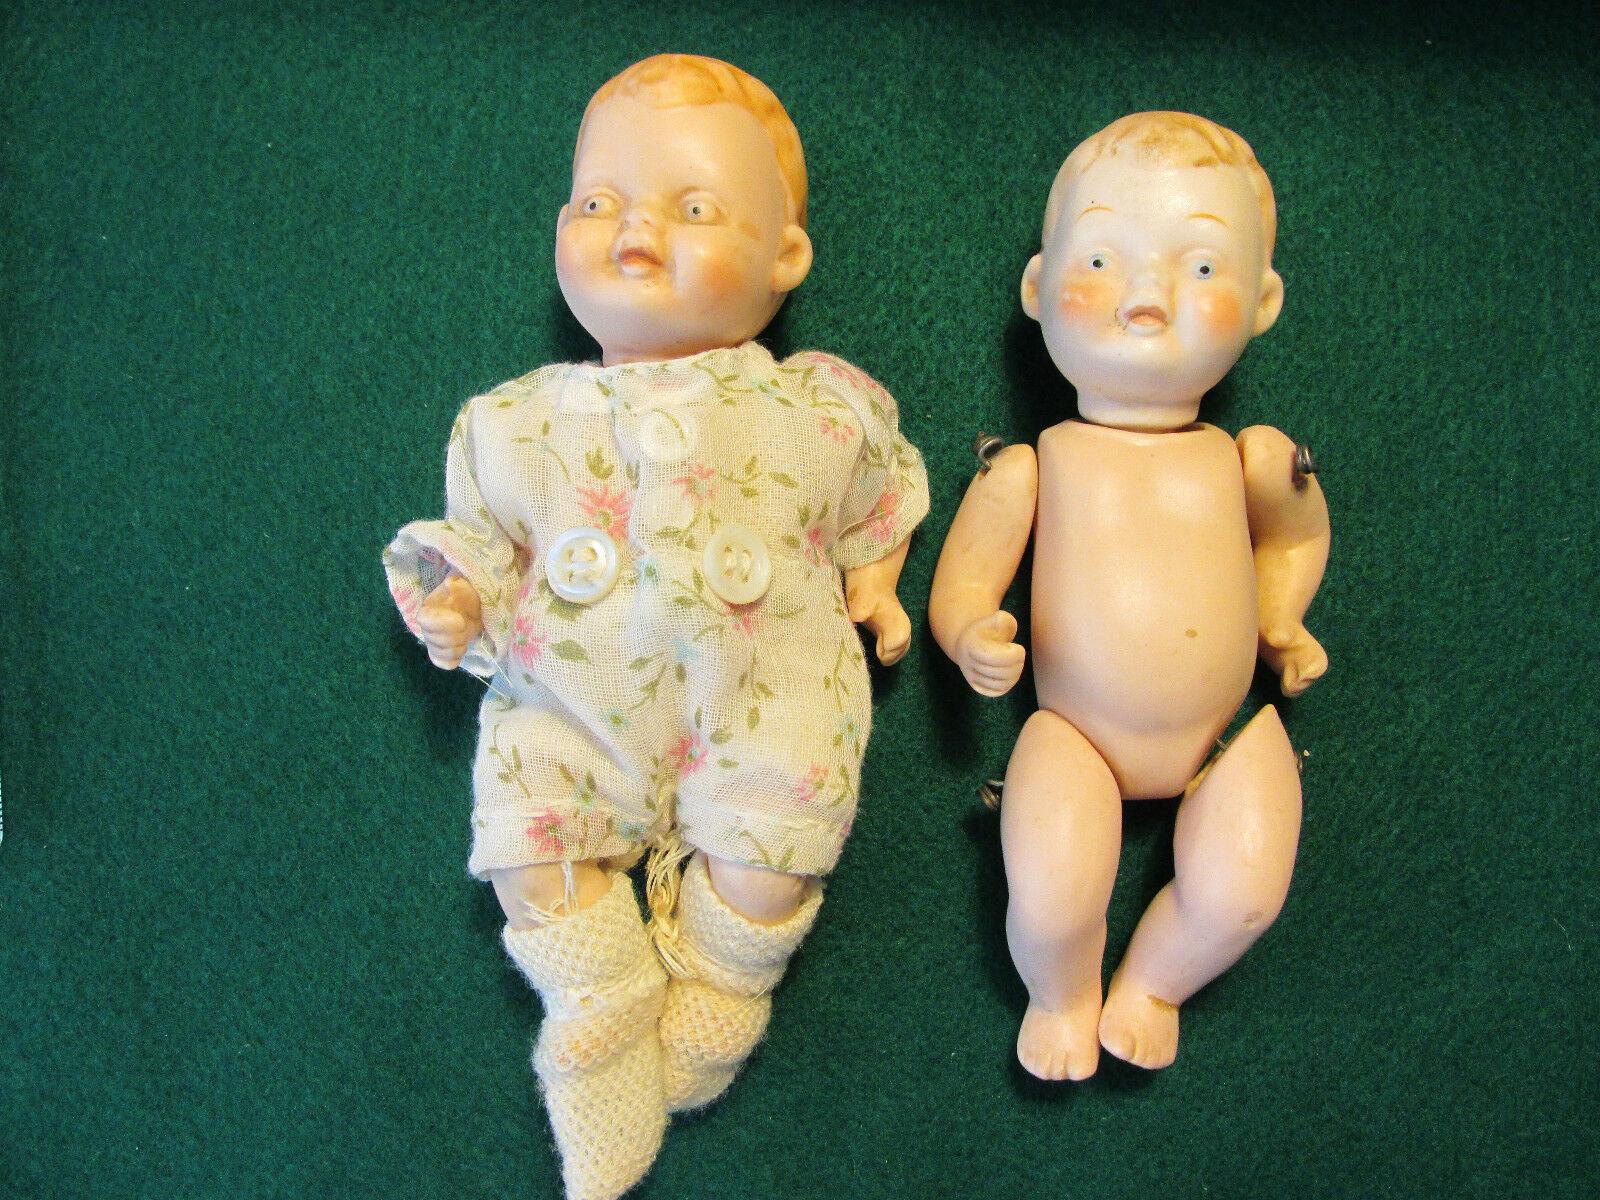 Due Antico Vintage  Bisque 5 pollici bambole articolato  produttori fornitura diretta